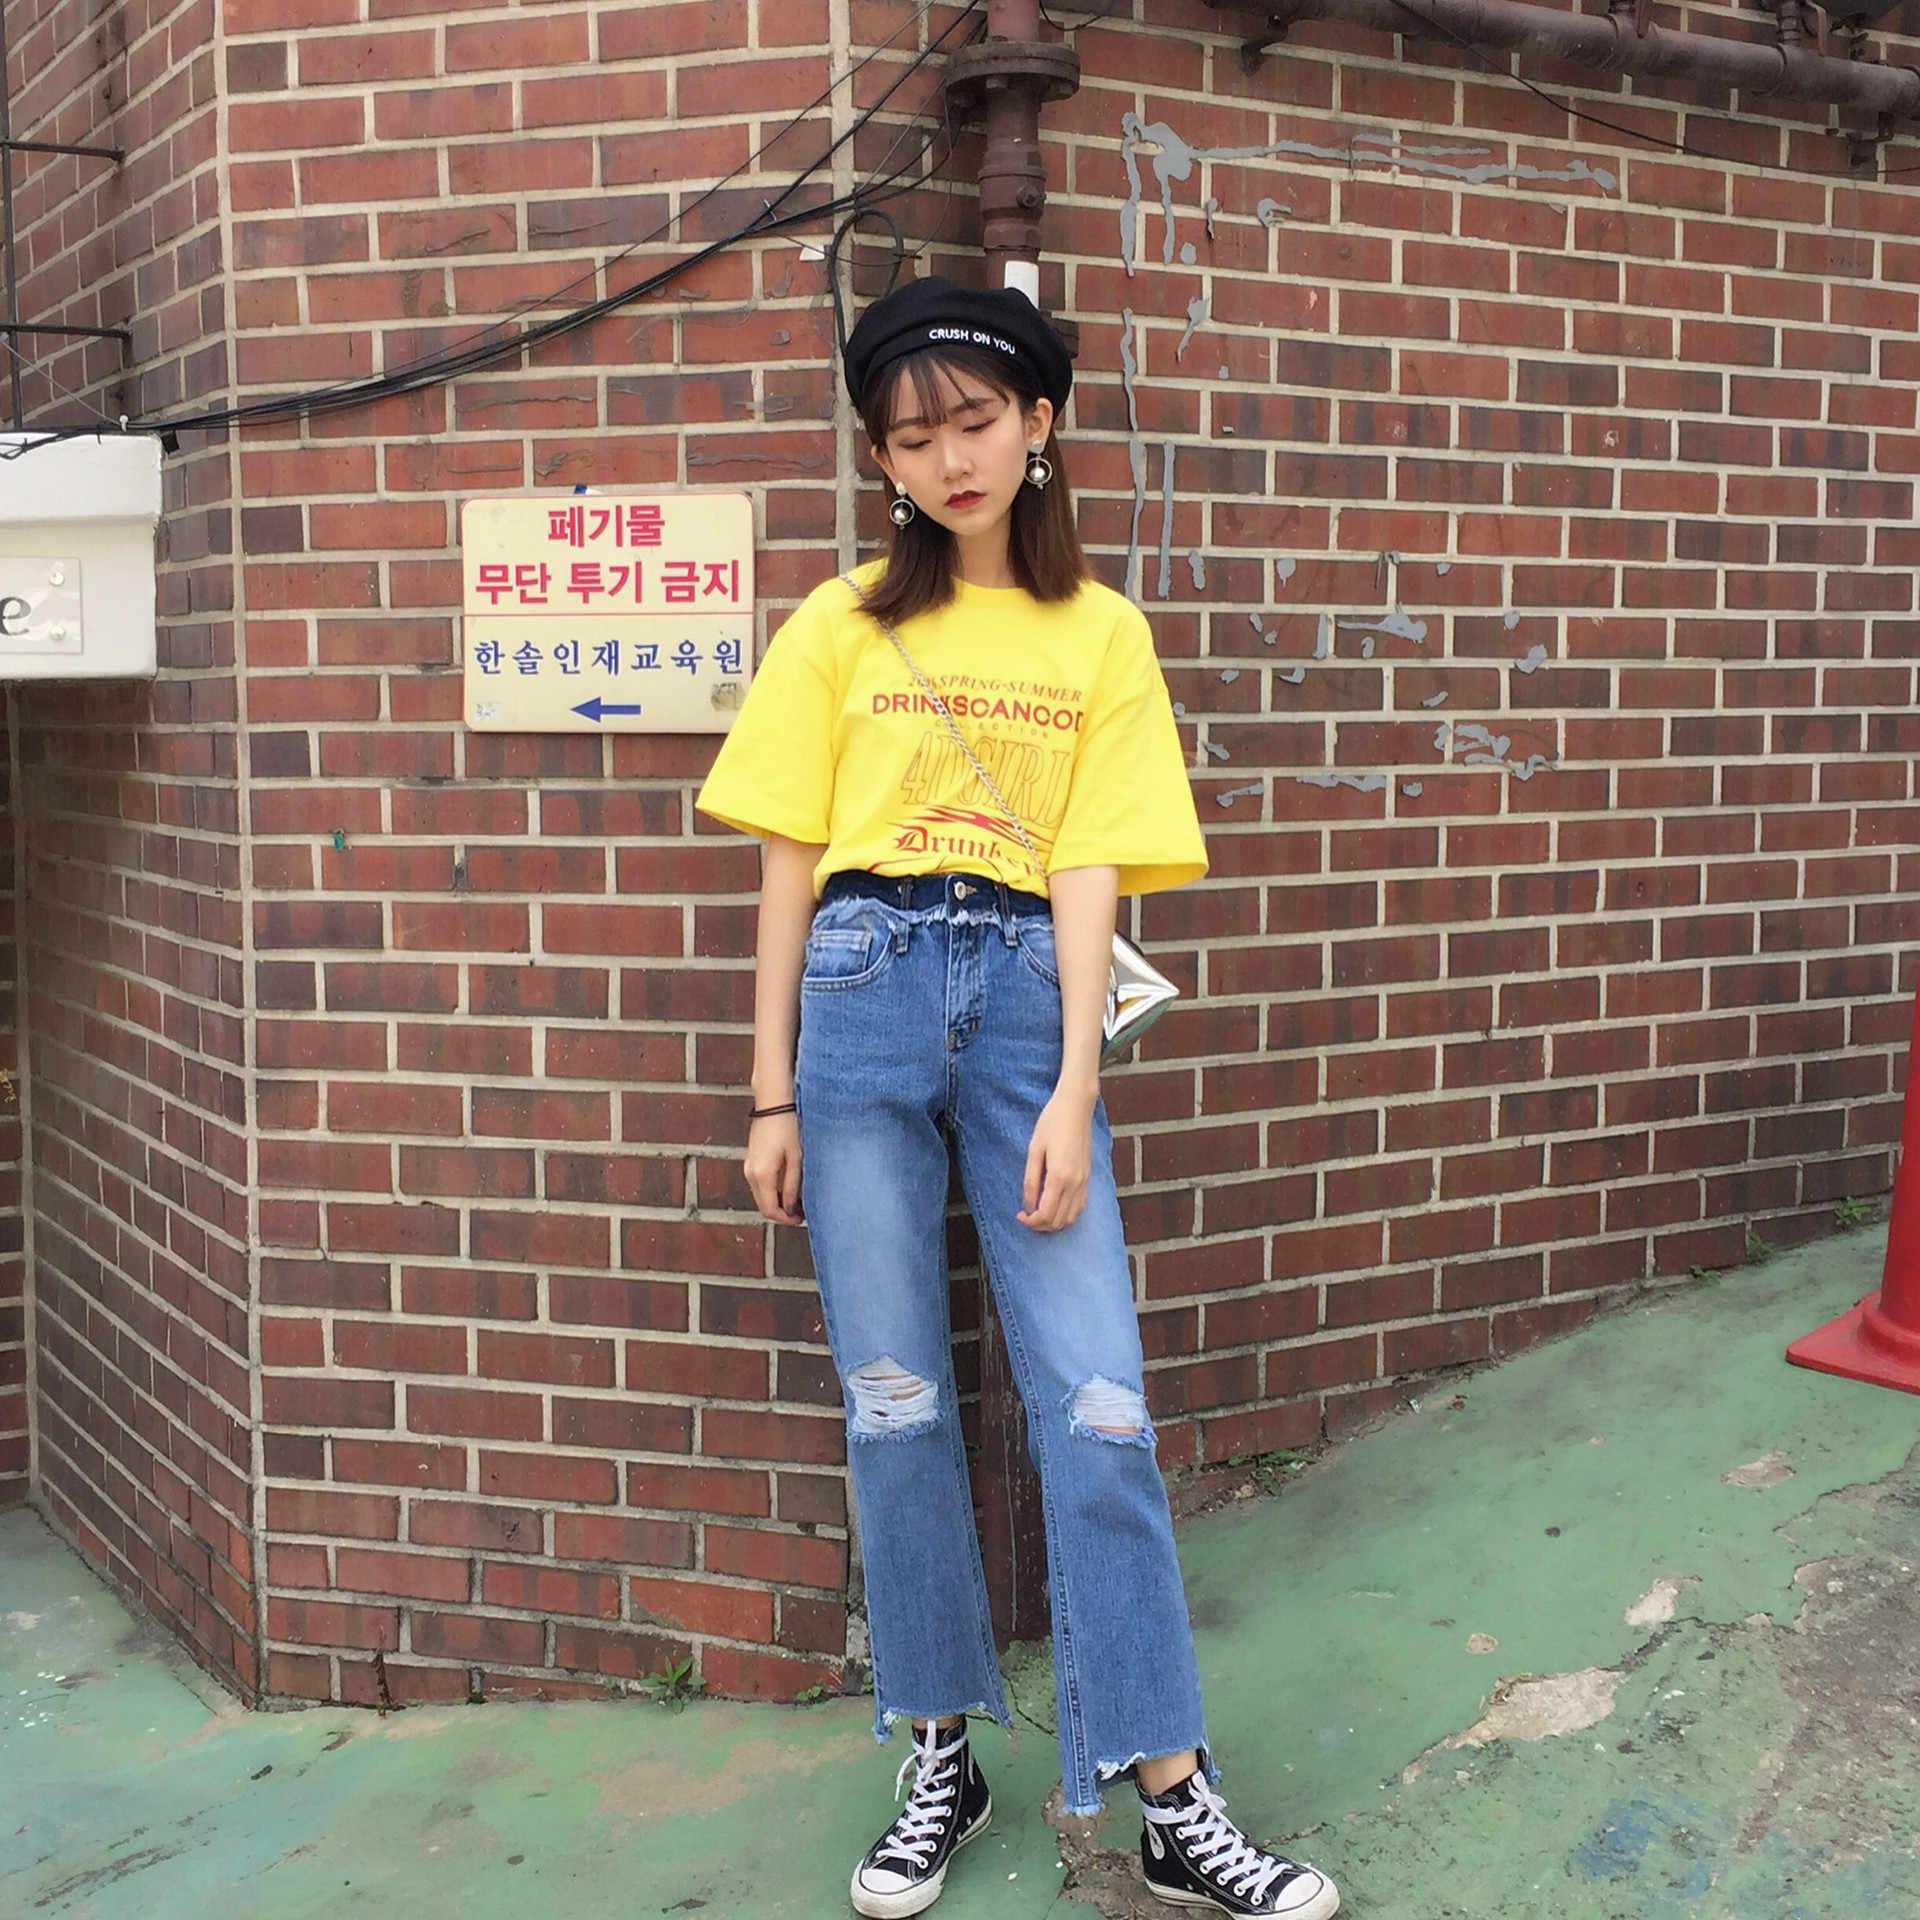 Harajuku Nette Frauen Stricken Baskenmütze Männer Vintage 90S Industriellen Stil Motorhaube Hüte Unisex Einstellbare Zerquetschen Auf Sie Herbst Winter baskenmütze